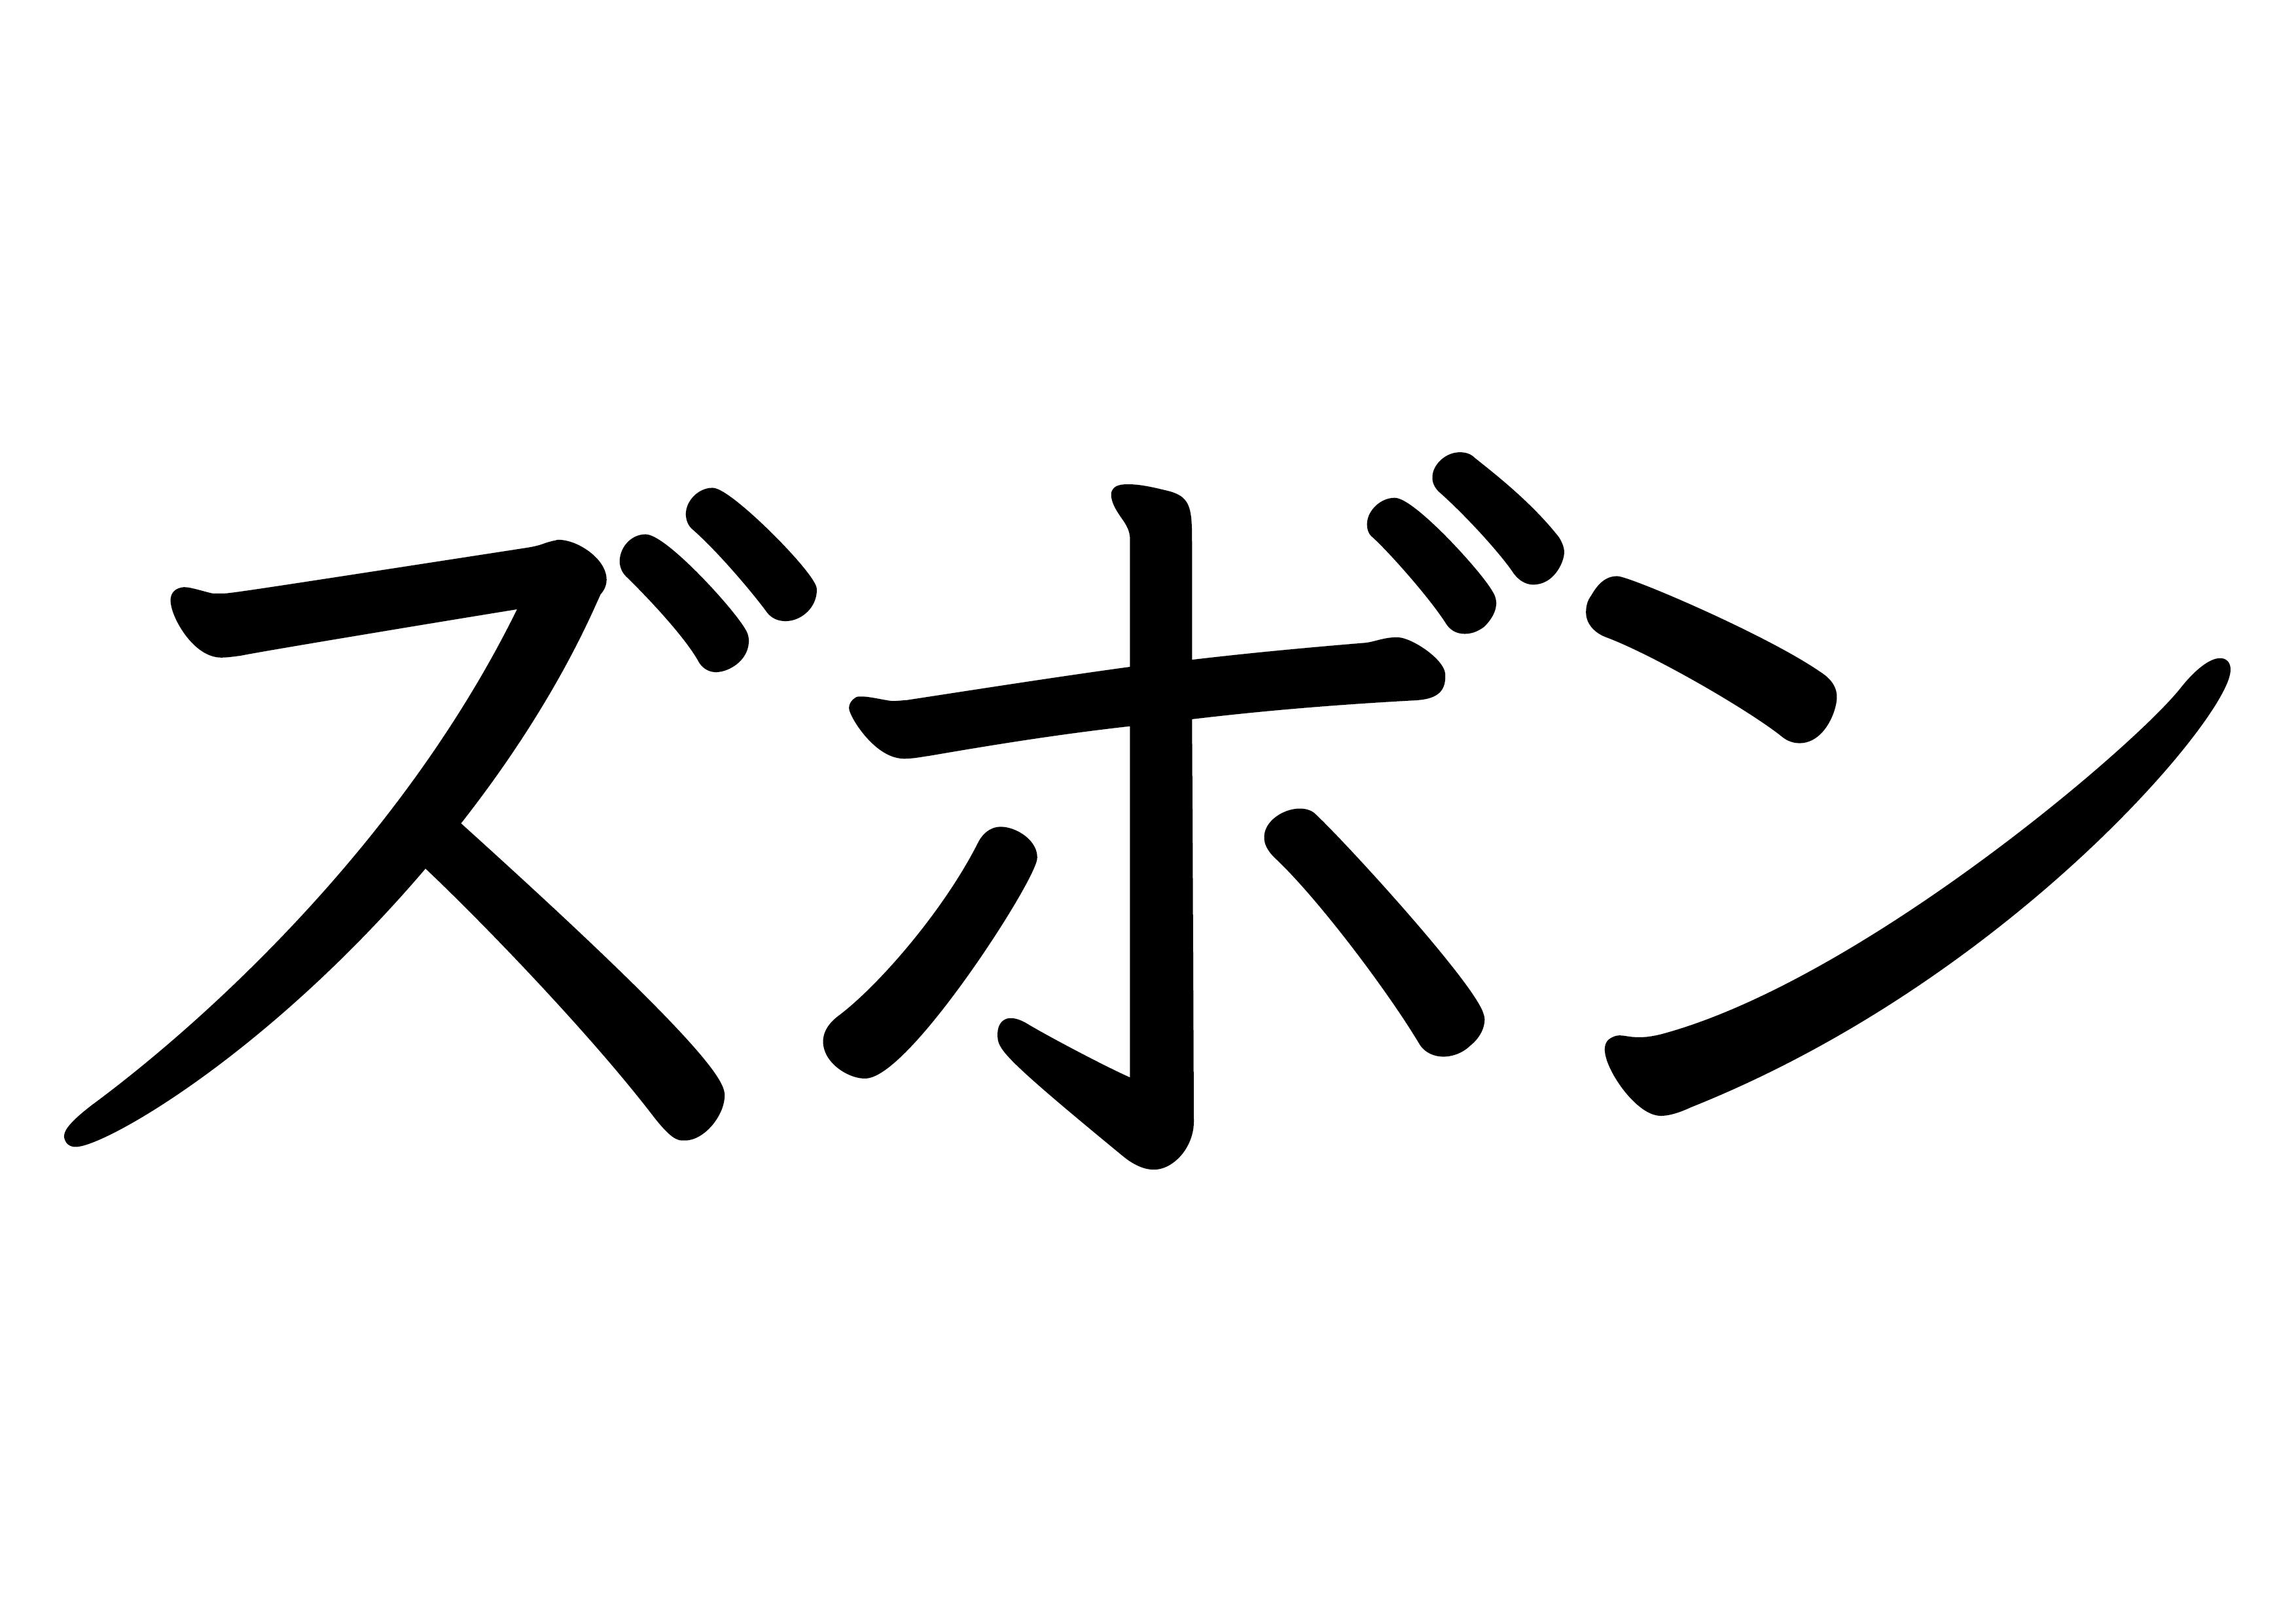 40課文字カード【ズボン】